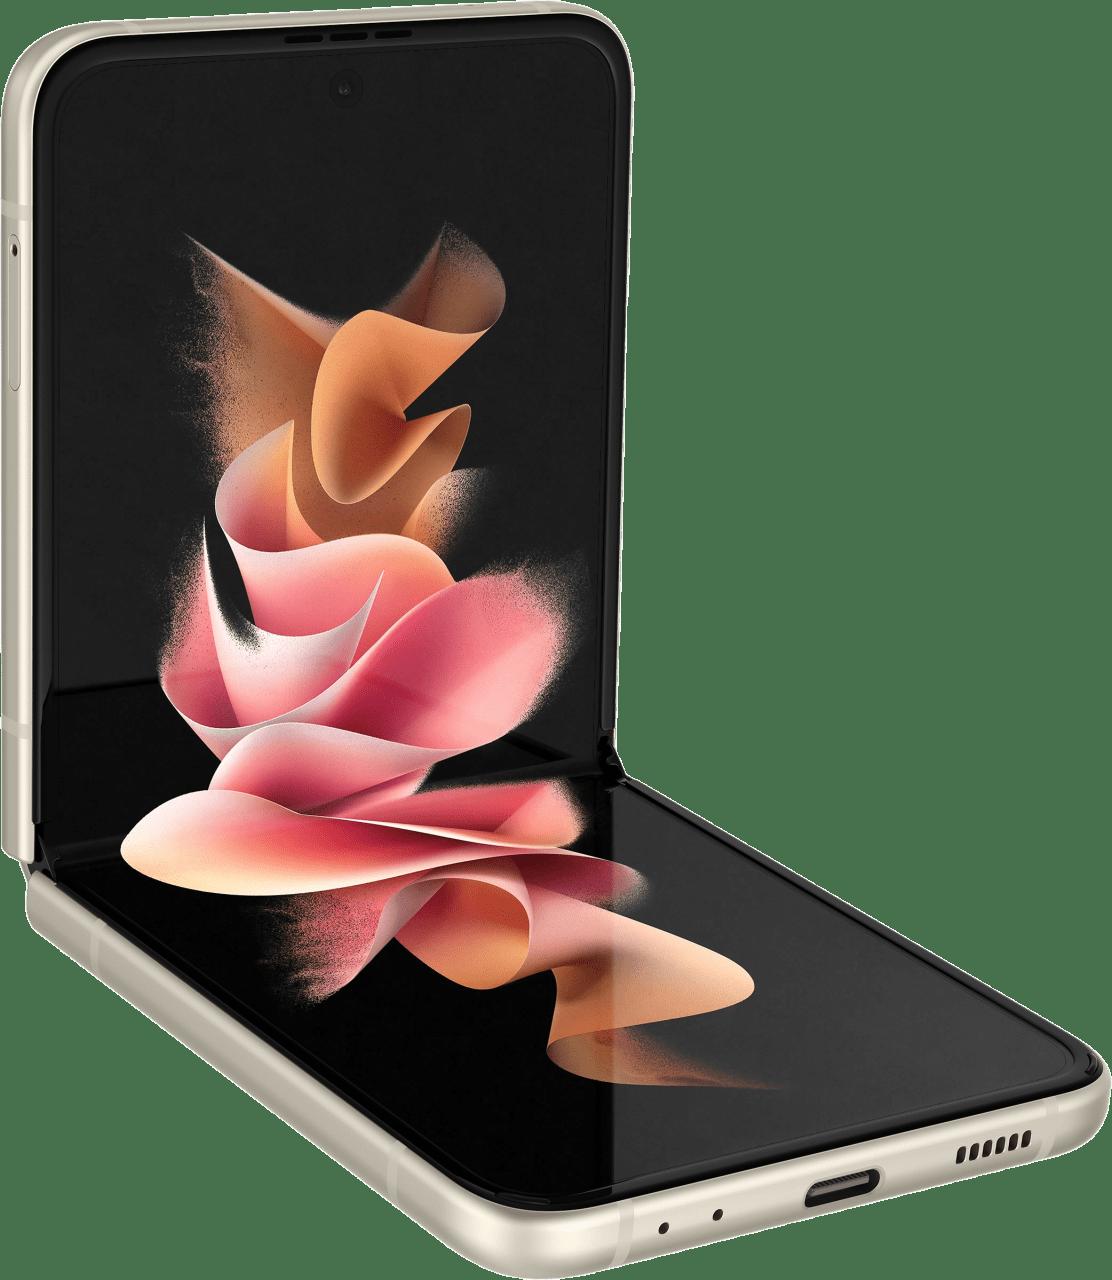 Cream Samsung Smartphone Galaxy Flip 3 - 128GB - Dual Sim.3